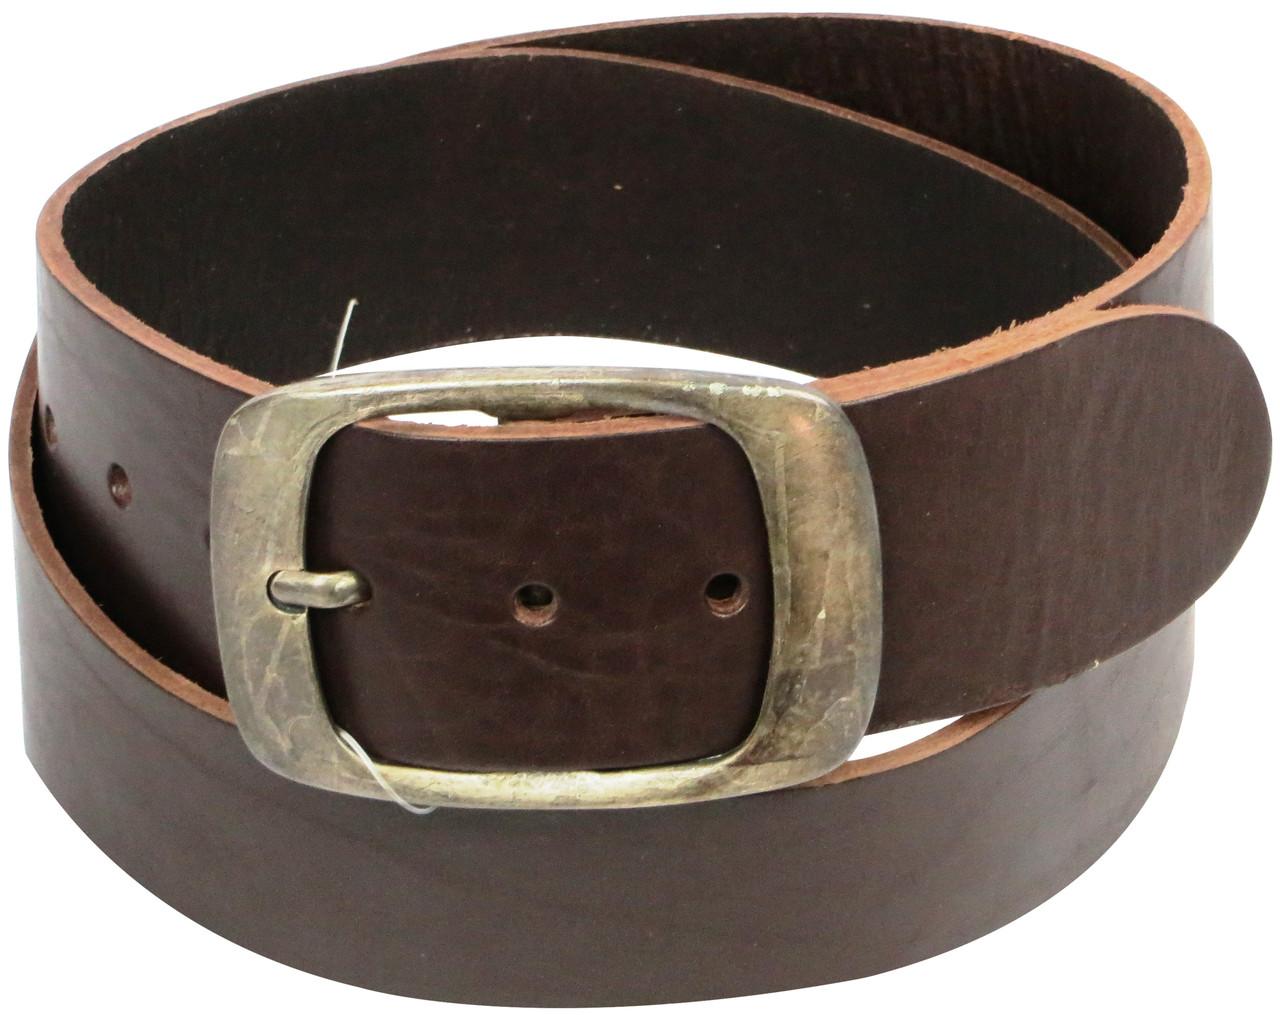 Широкий ремень под джинсы из кожи, Cramer & Co, Германия, 100121 темно коричневый, 5х109 см